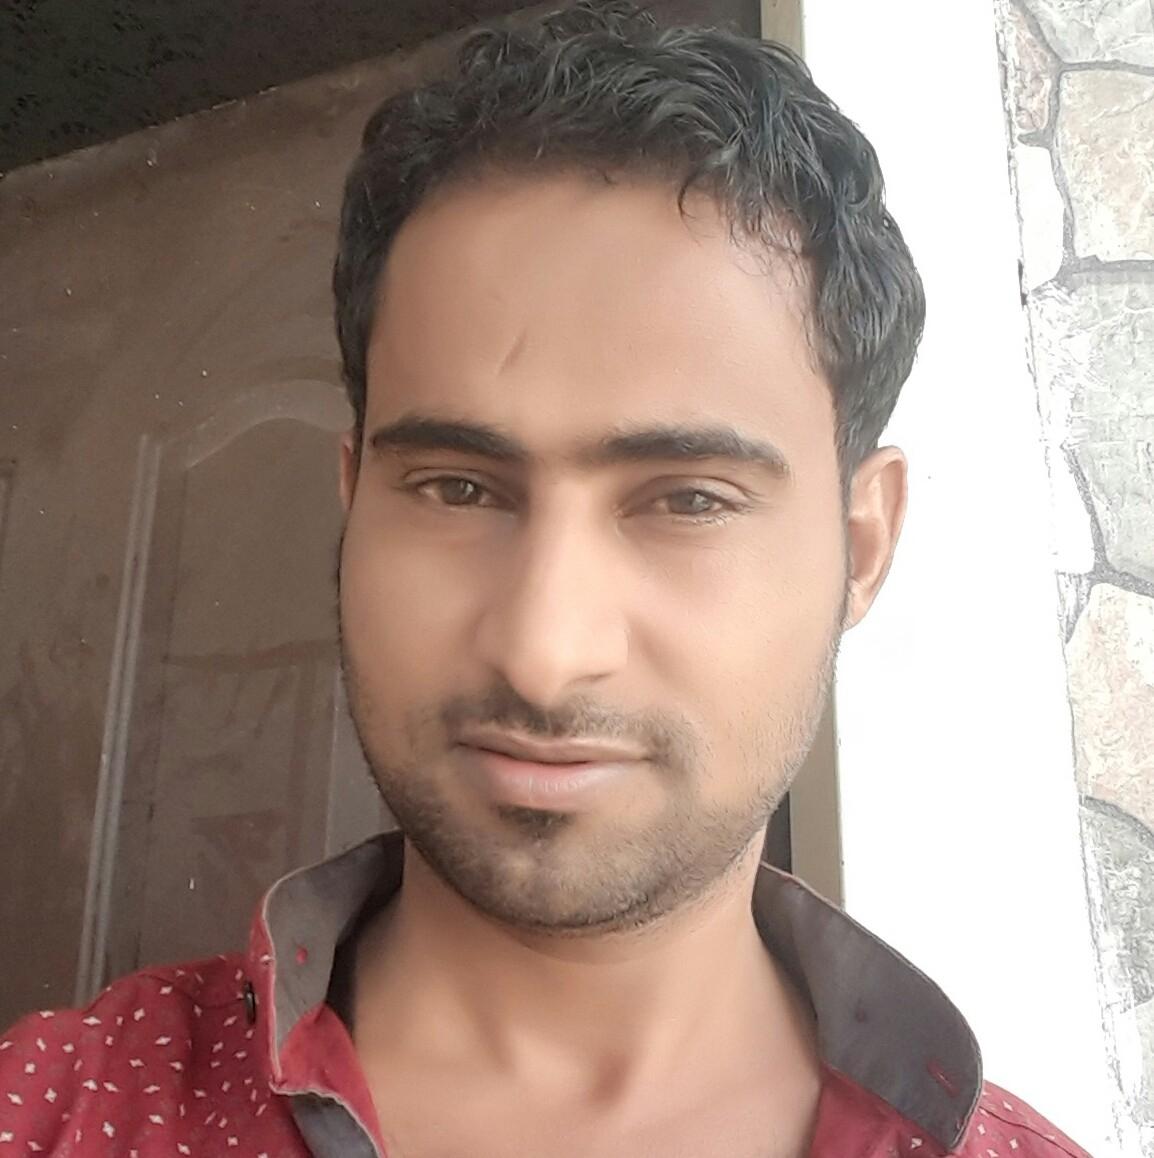 نقابة الصحفيين تدين اختطاف مليشيا الحوثي لوالد مراسل قناة بلقيس بحجه